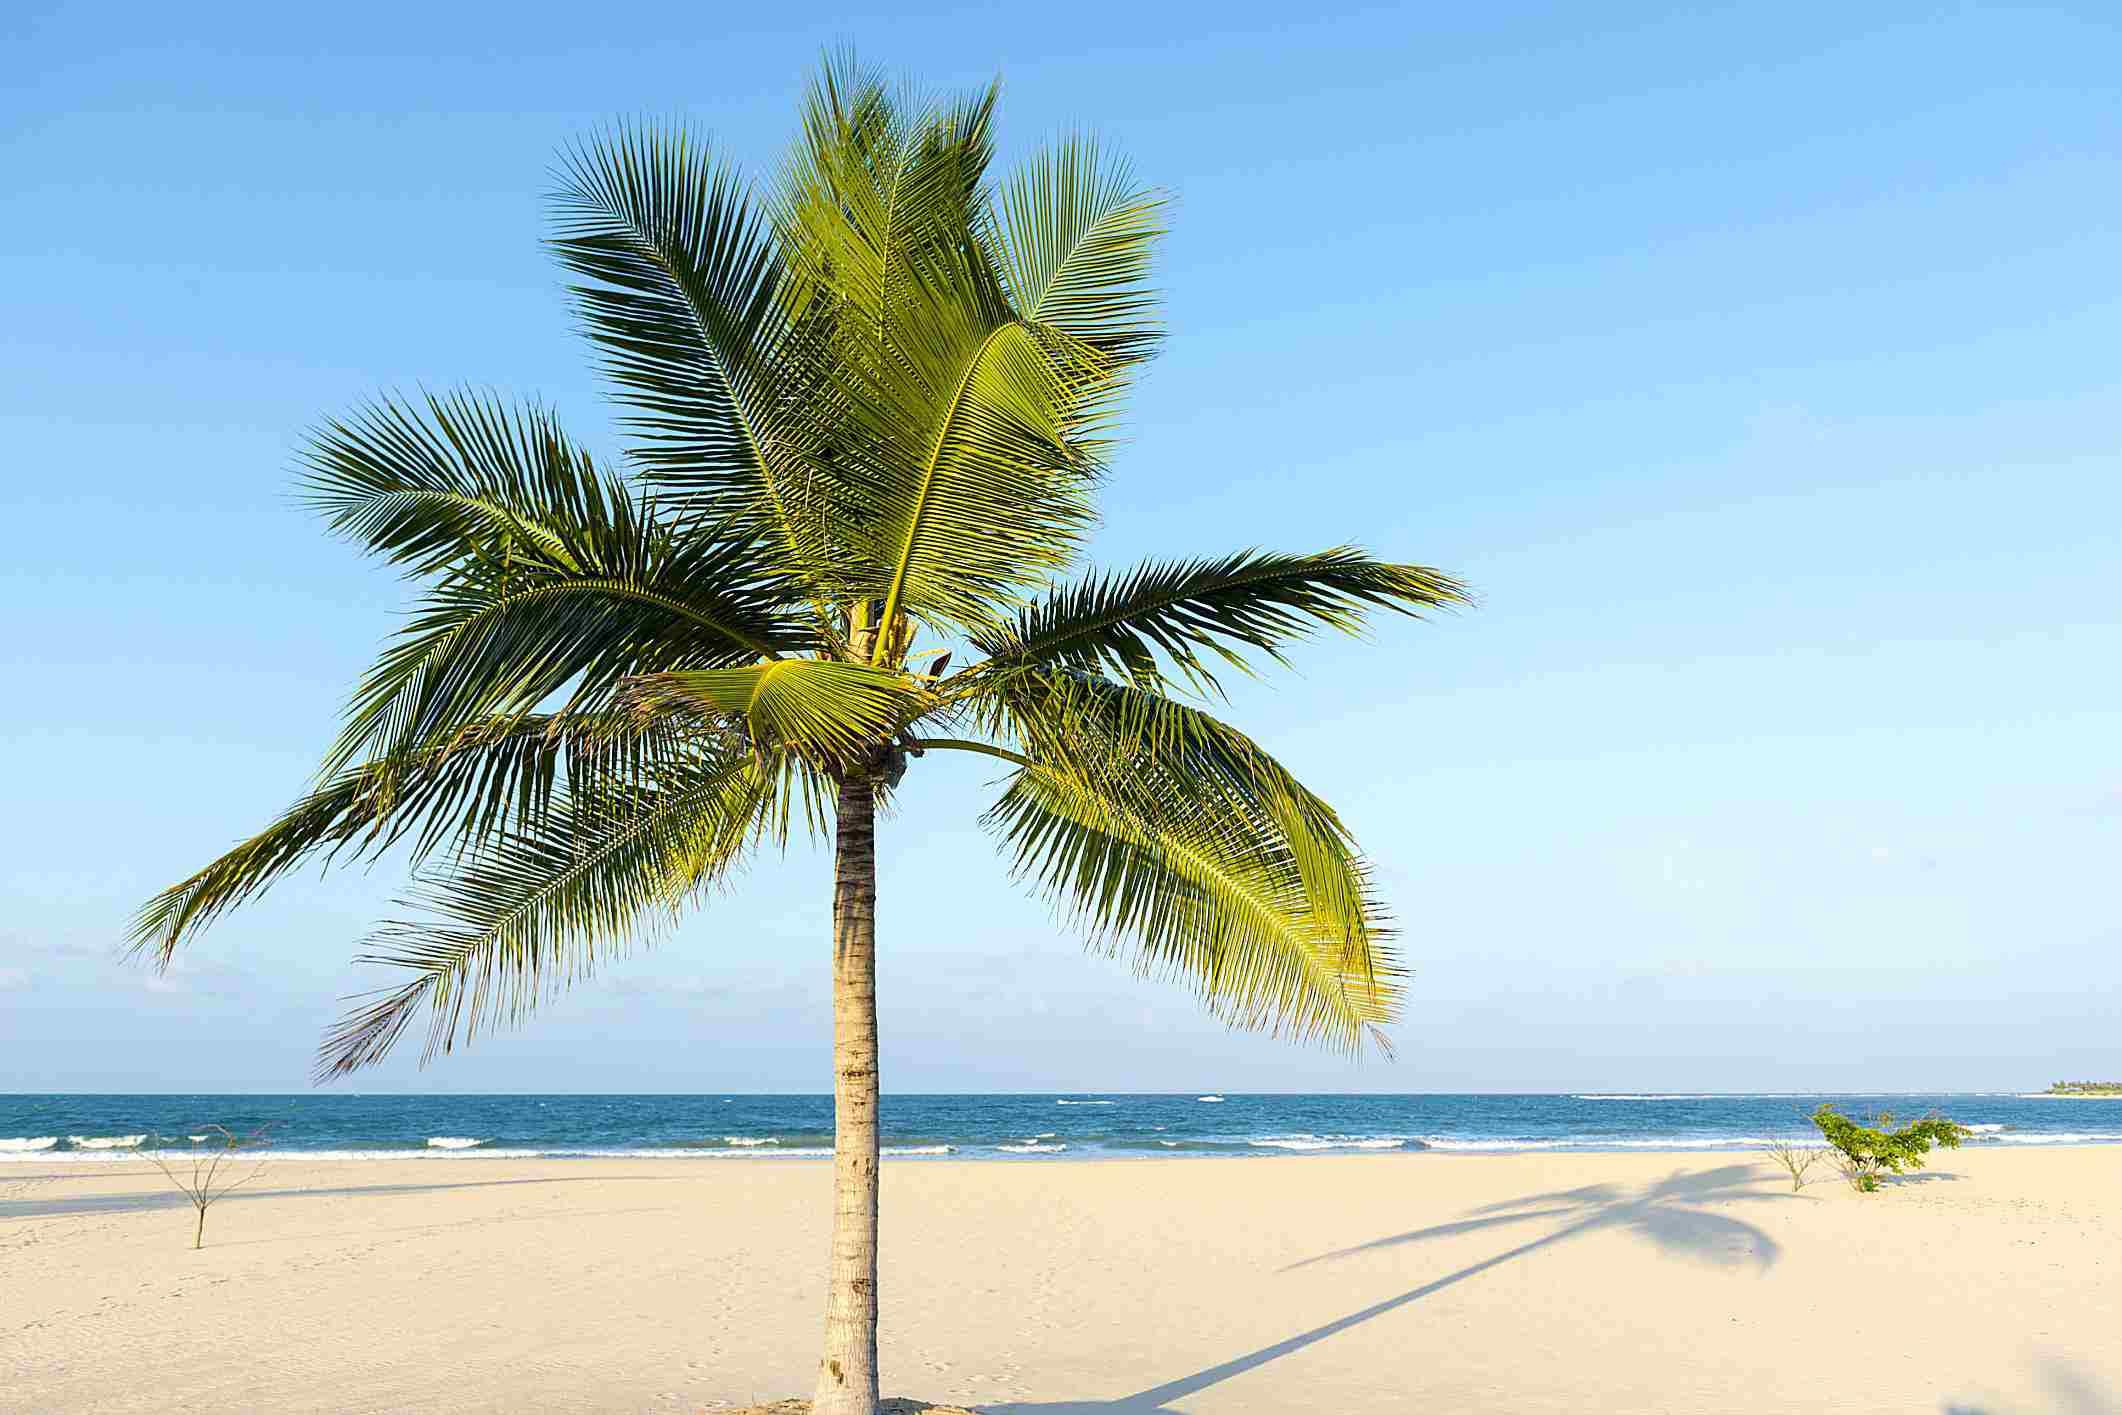 γαλάζιο ουρανό-παραλία